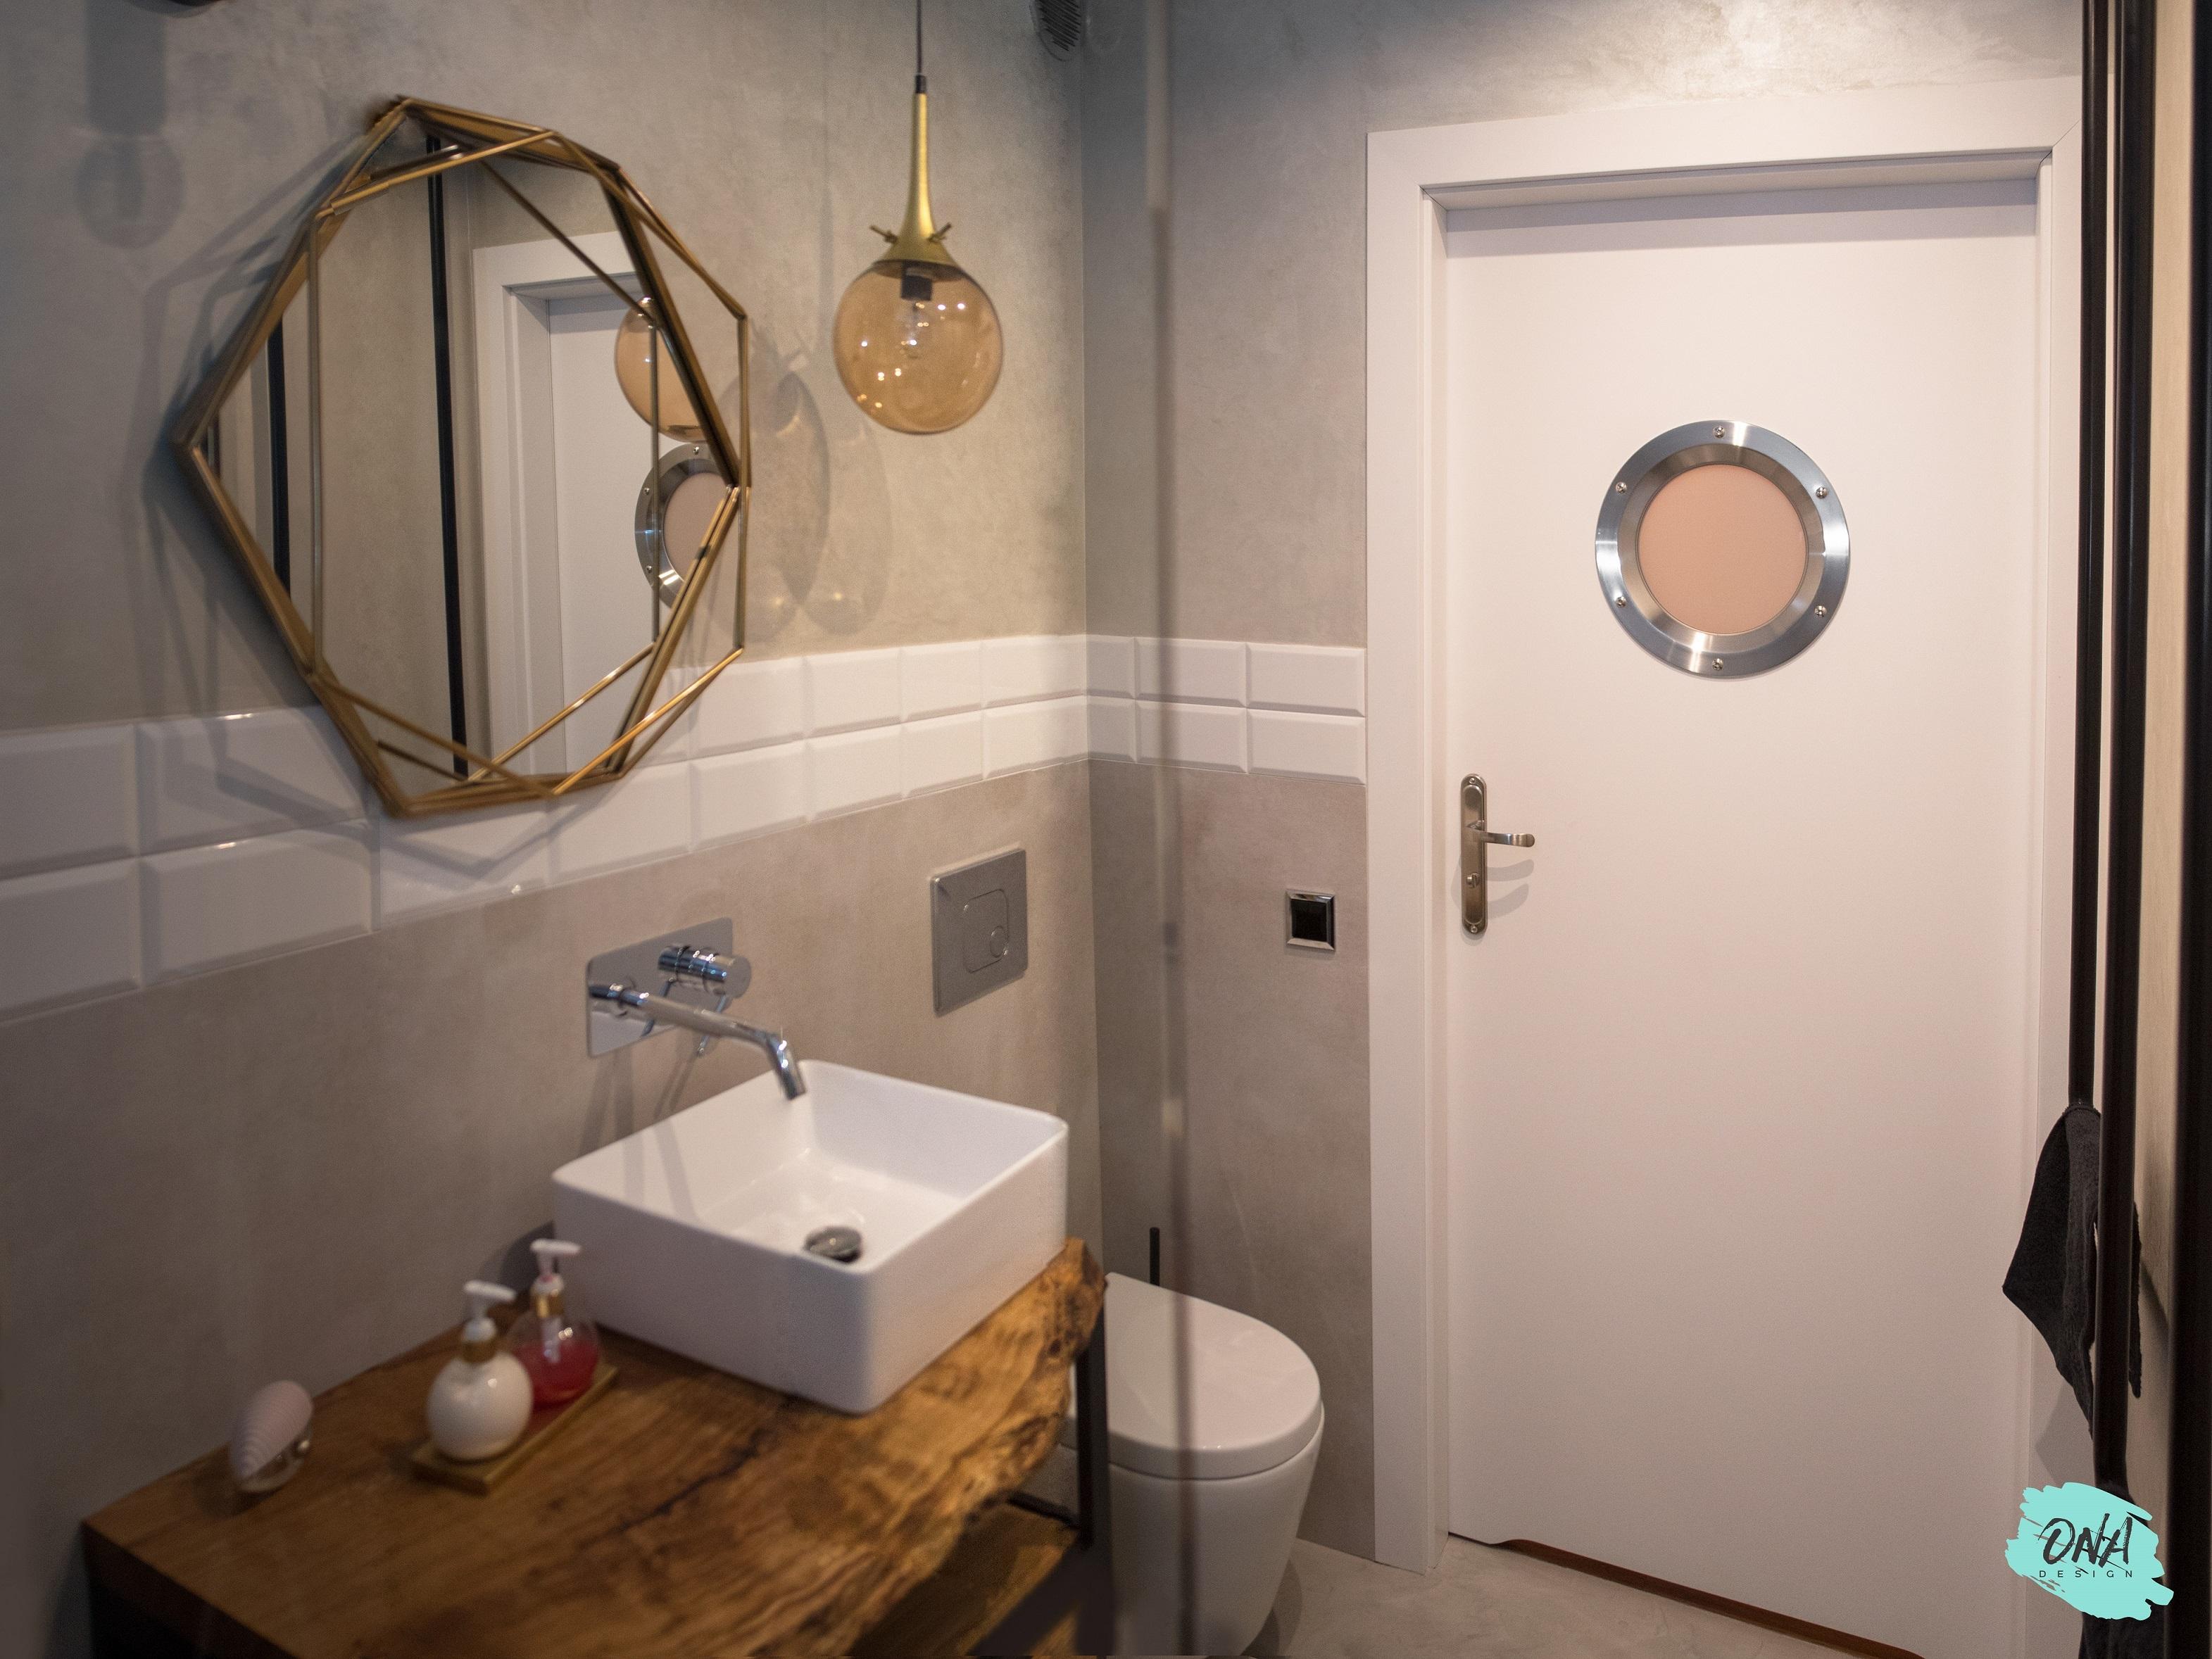 Mieszanka Styli łazienka Drewno Beton Onadesign